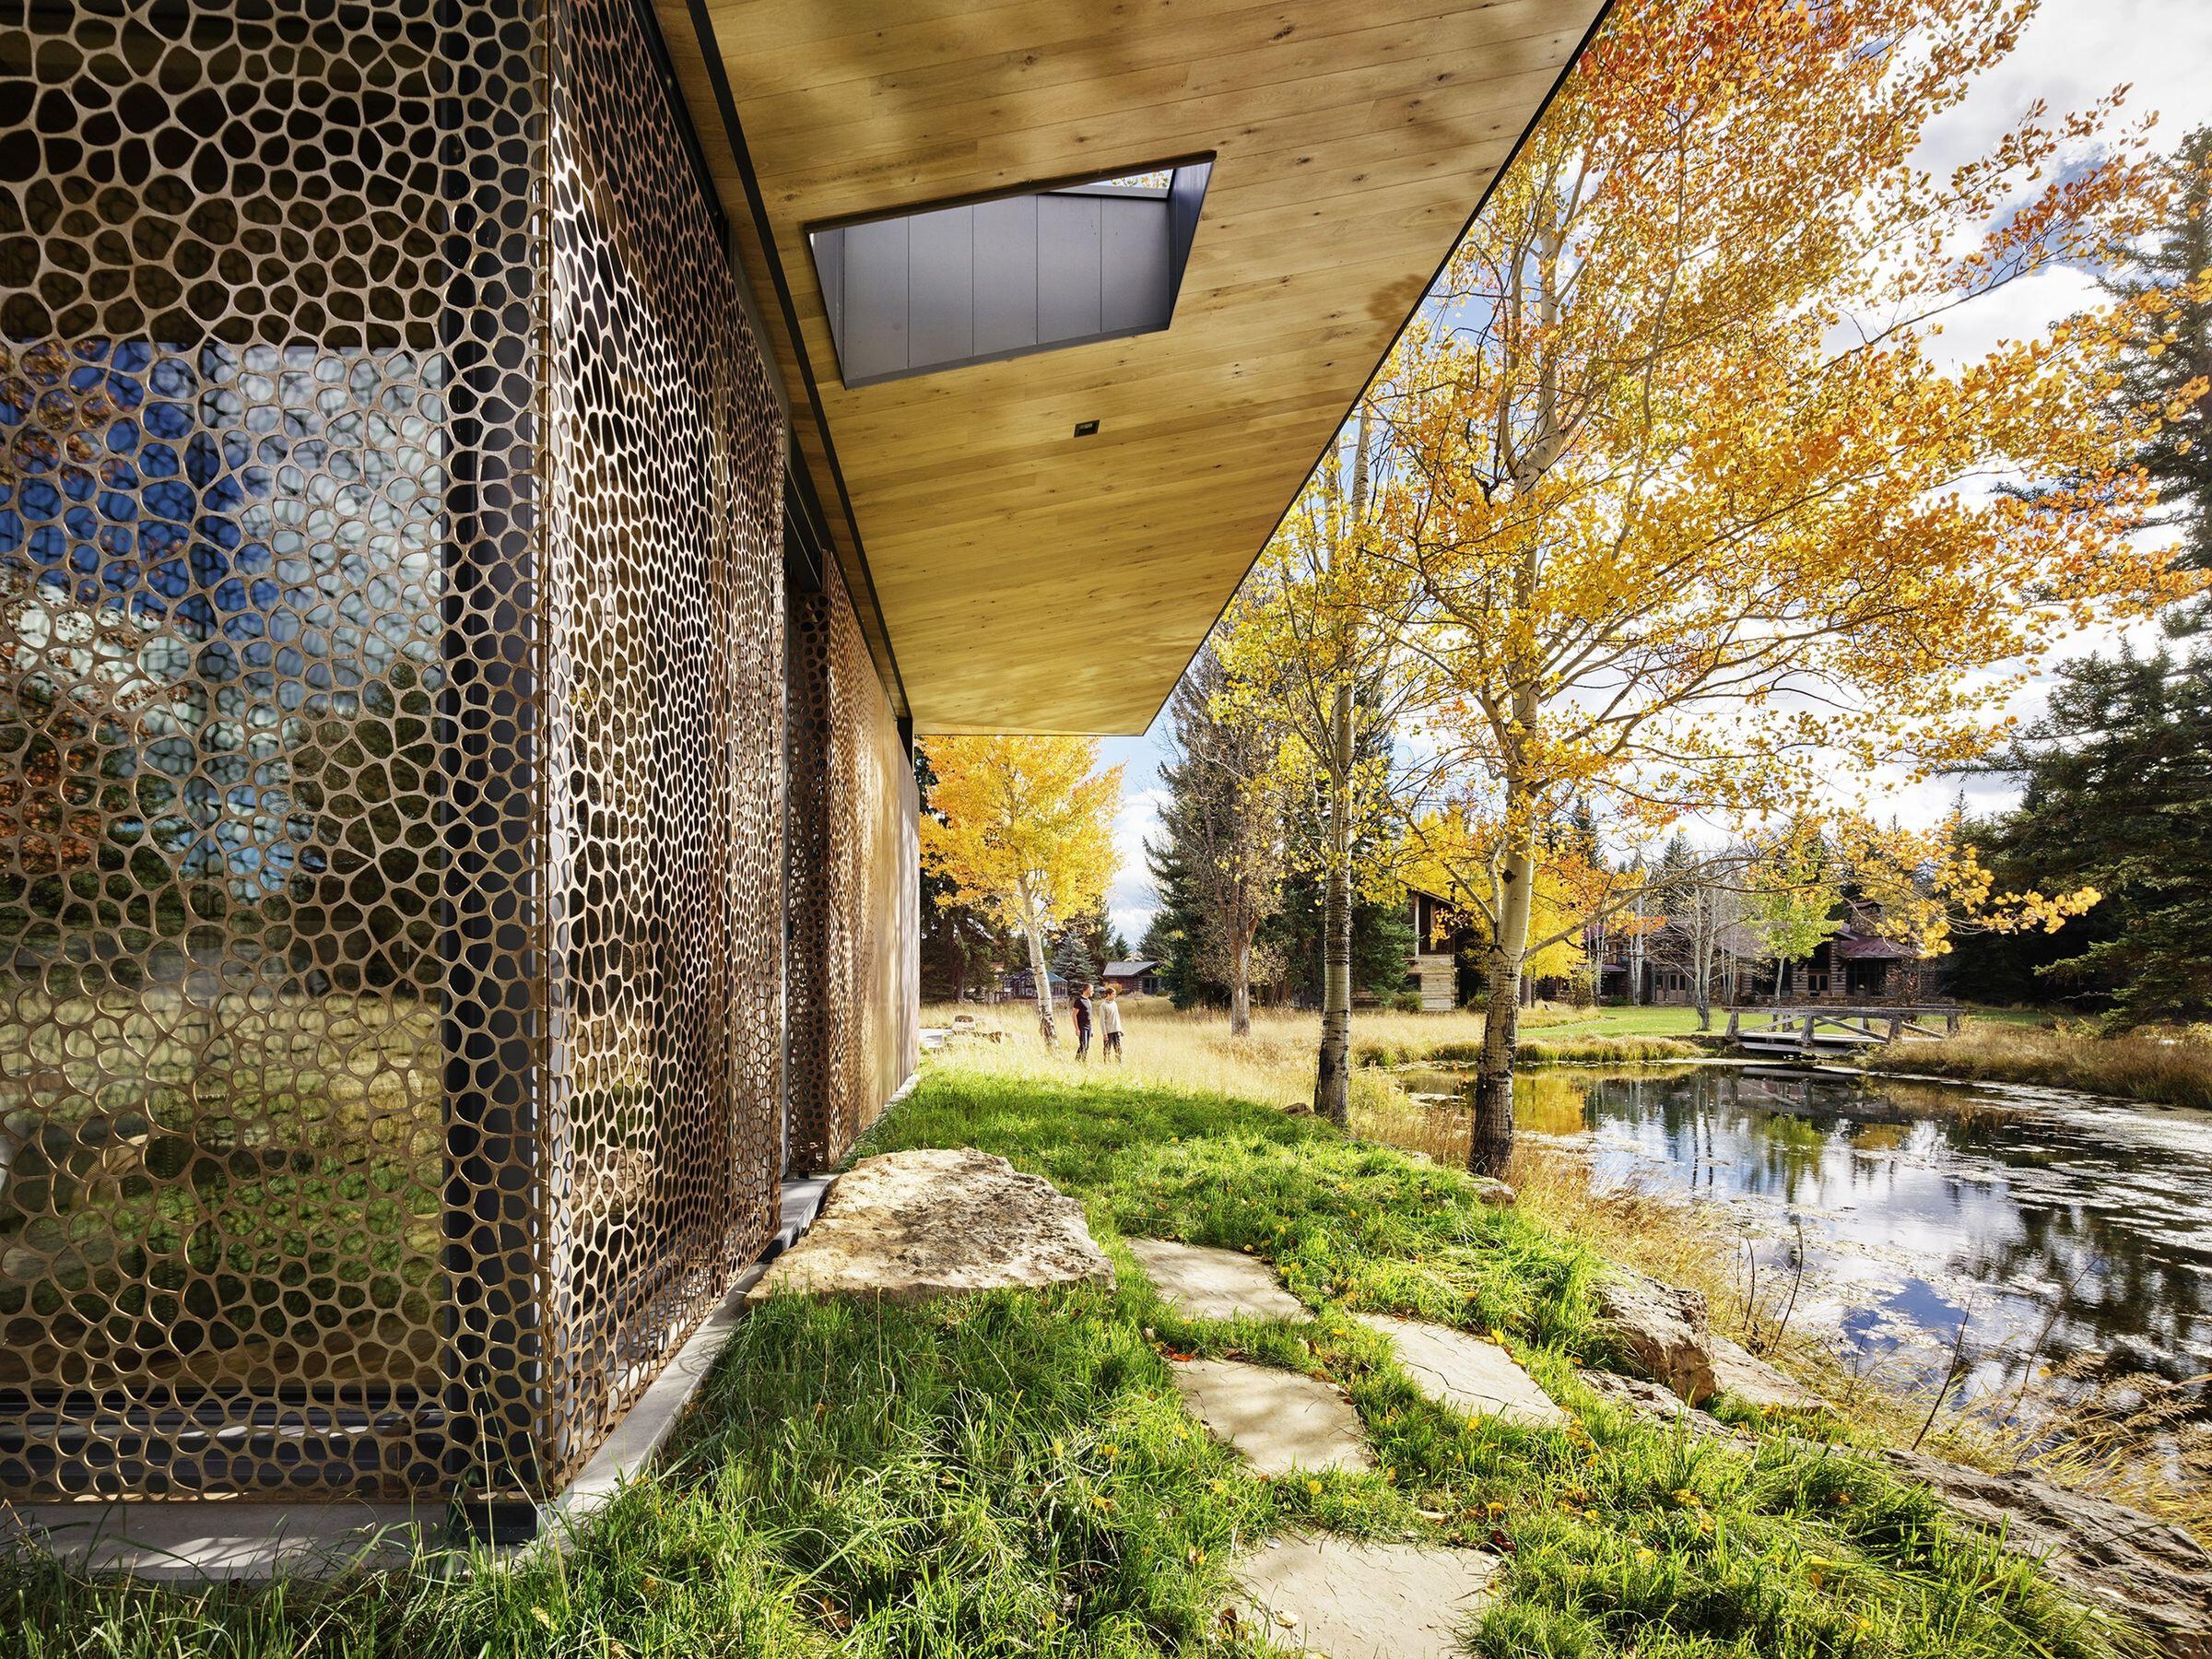 Queen's Lane Pavilion